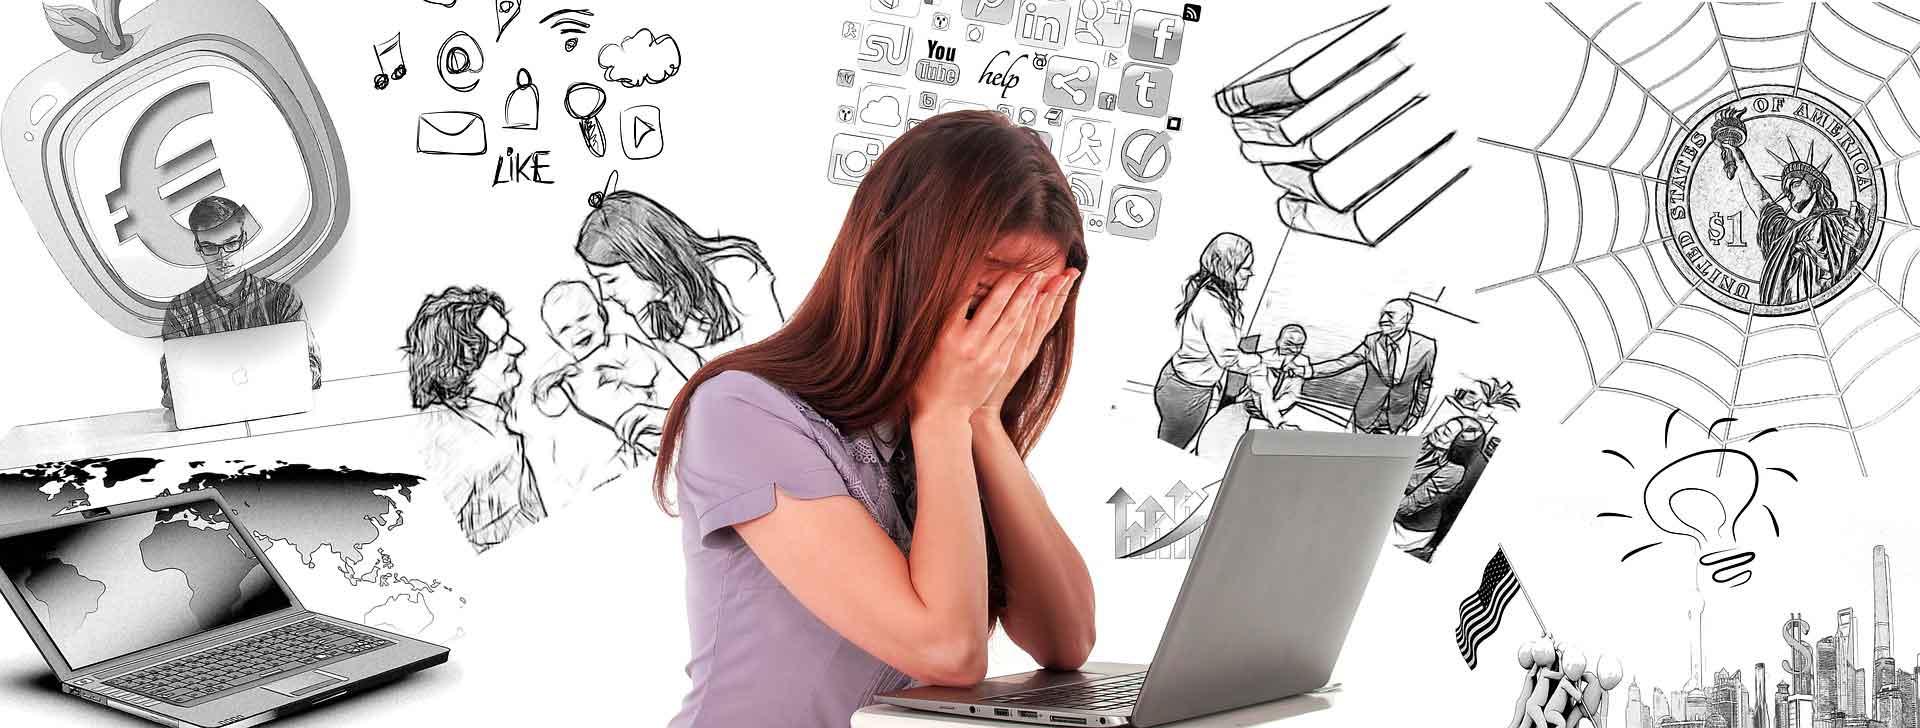 Junge Frau der Generation Z verunsichert beim Thema Finanzen